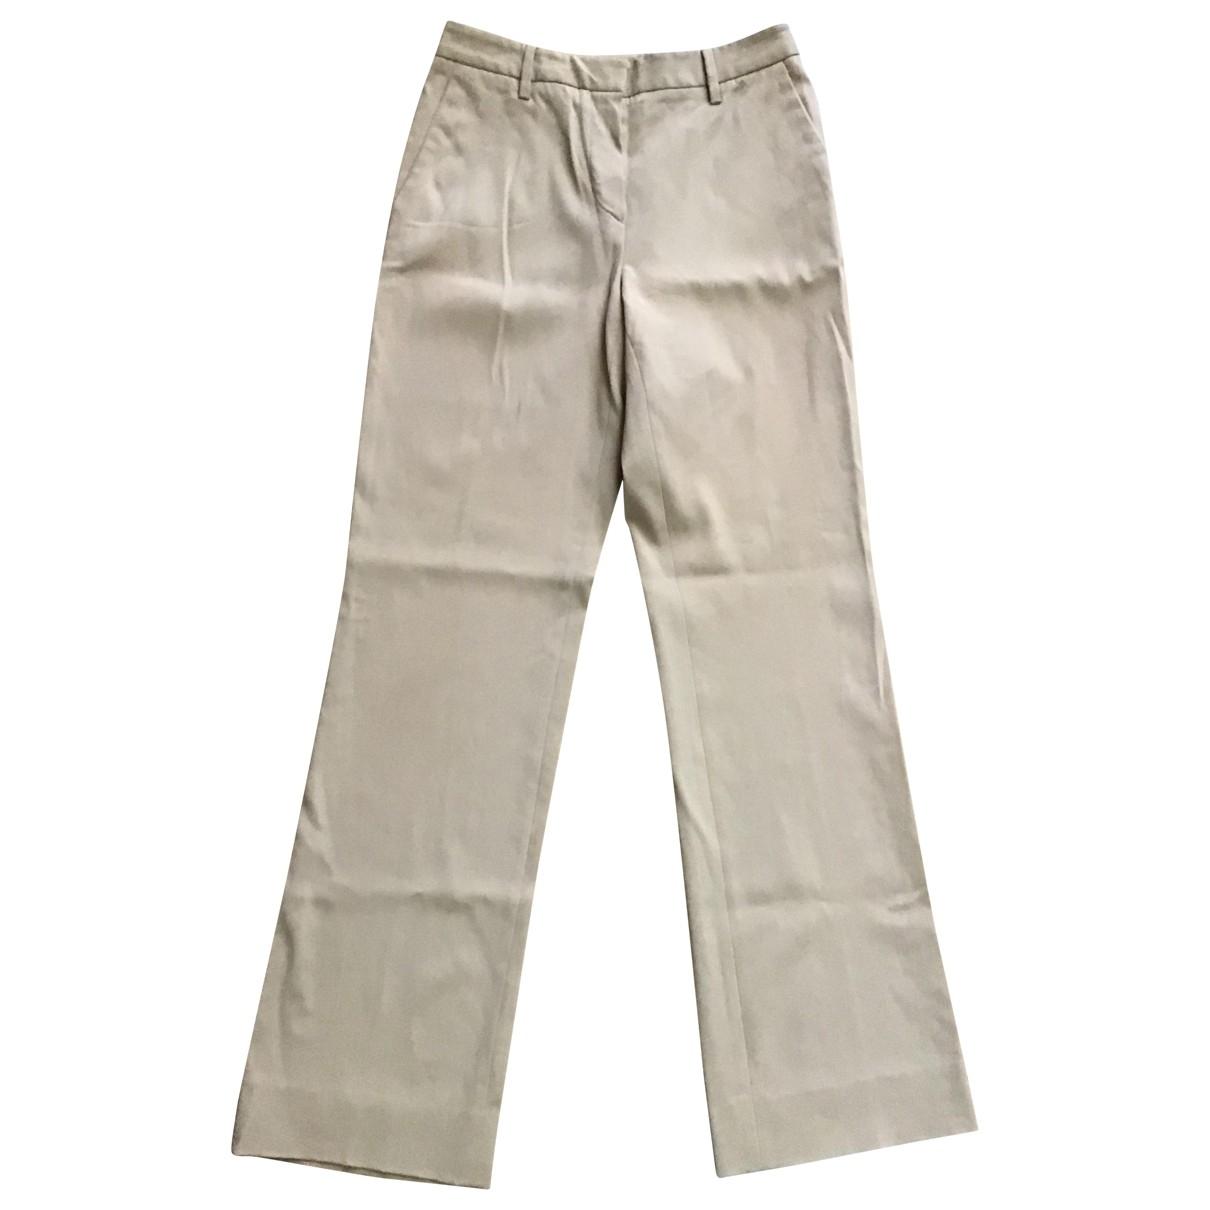 Prada \N Beige Trousers for Women 42 IT